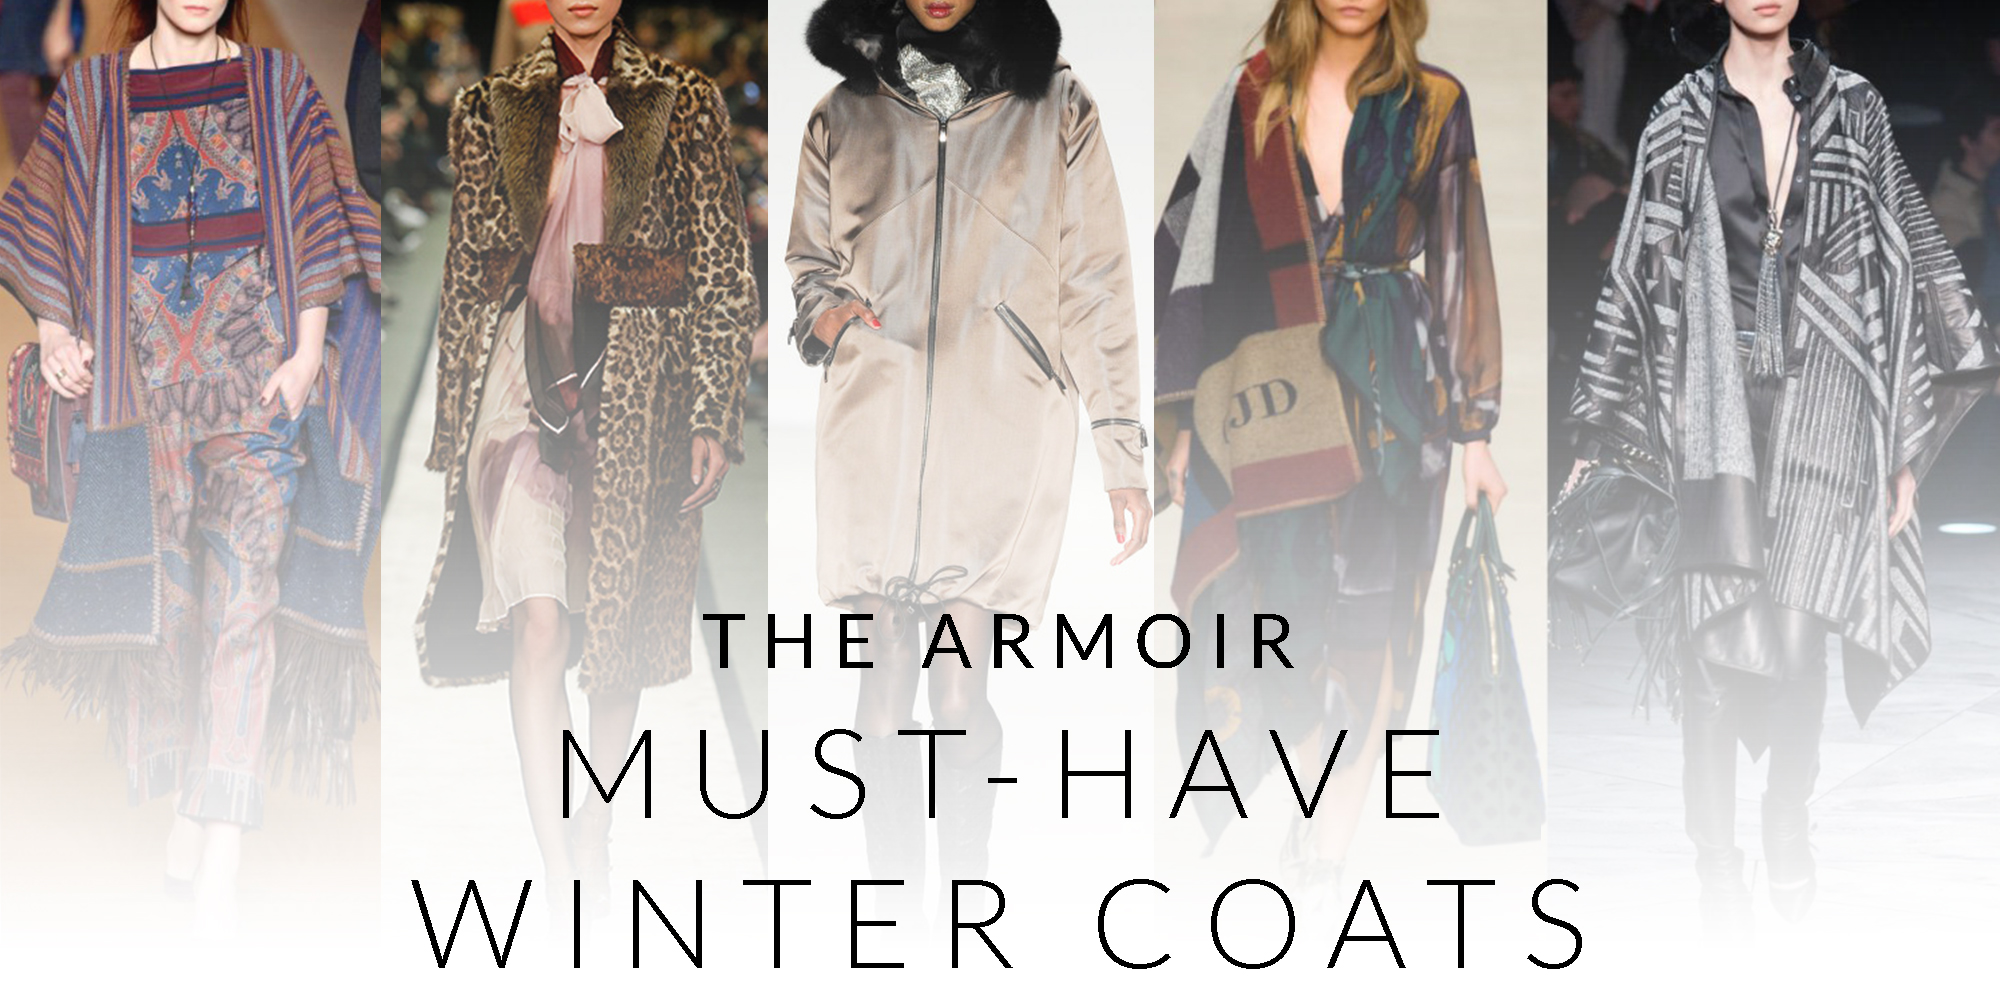 daj-darja-jewellery-must-have-winter-coats